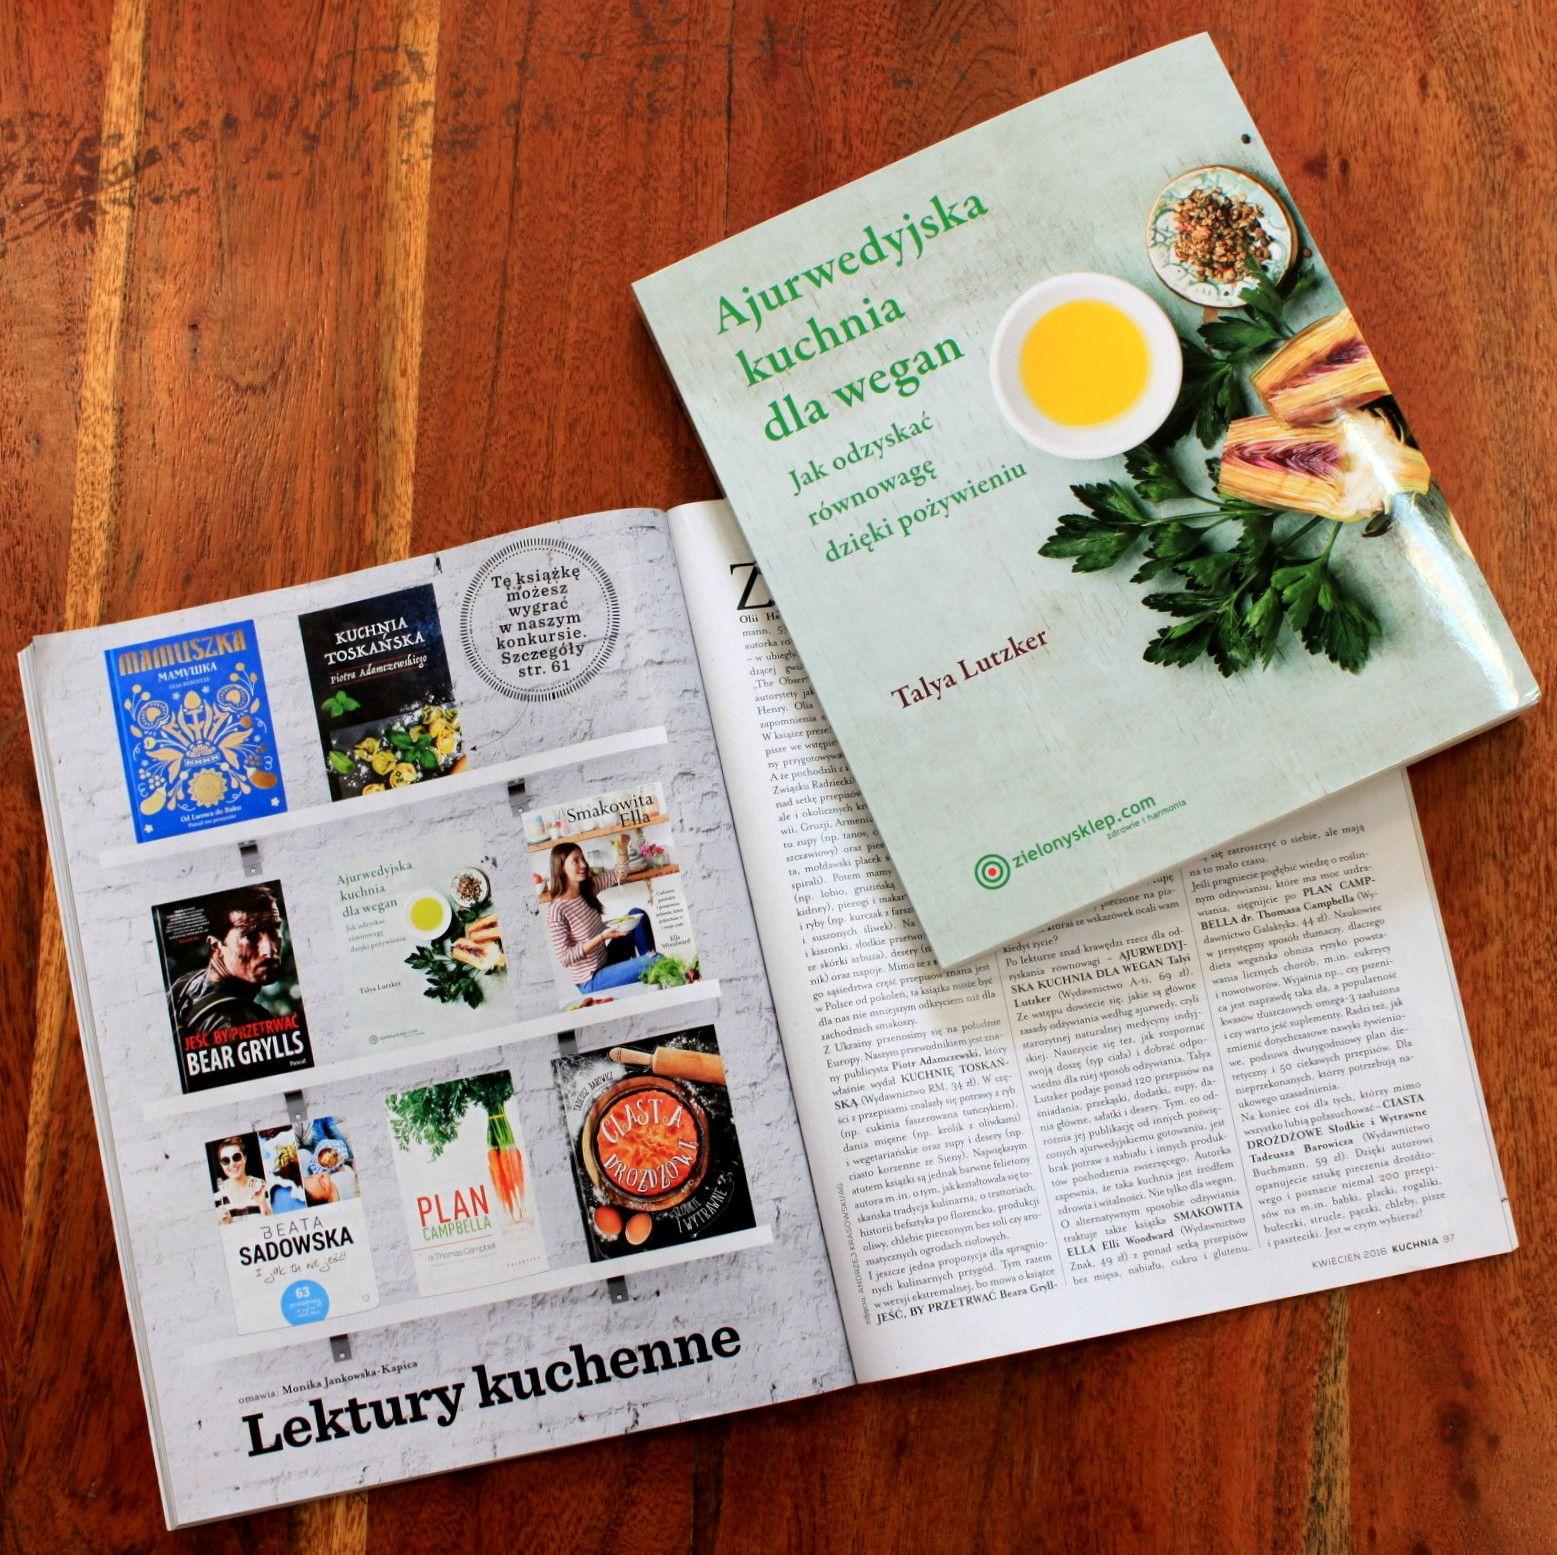 Magazyn Kuchnia Docenił Naszą Książkę Kucharską Dla Wegan